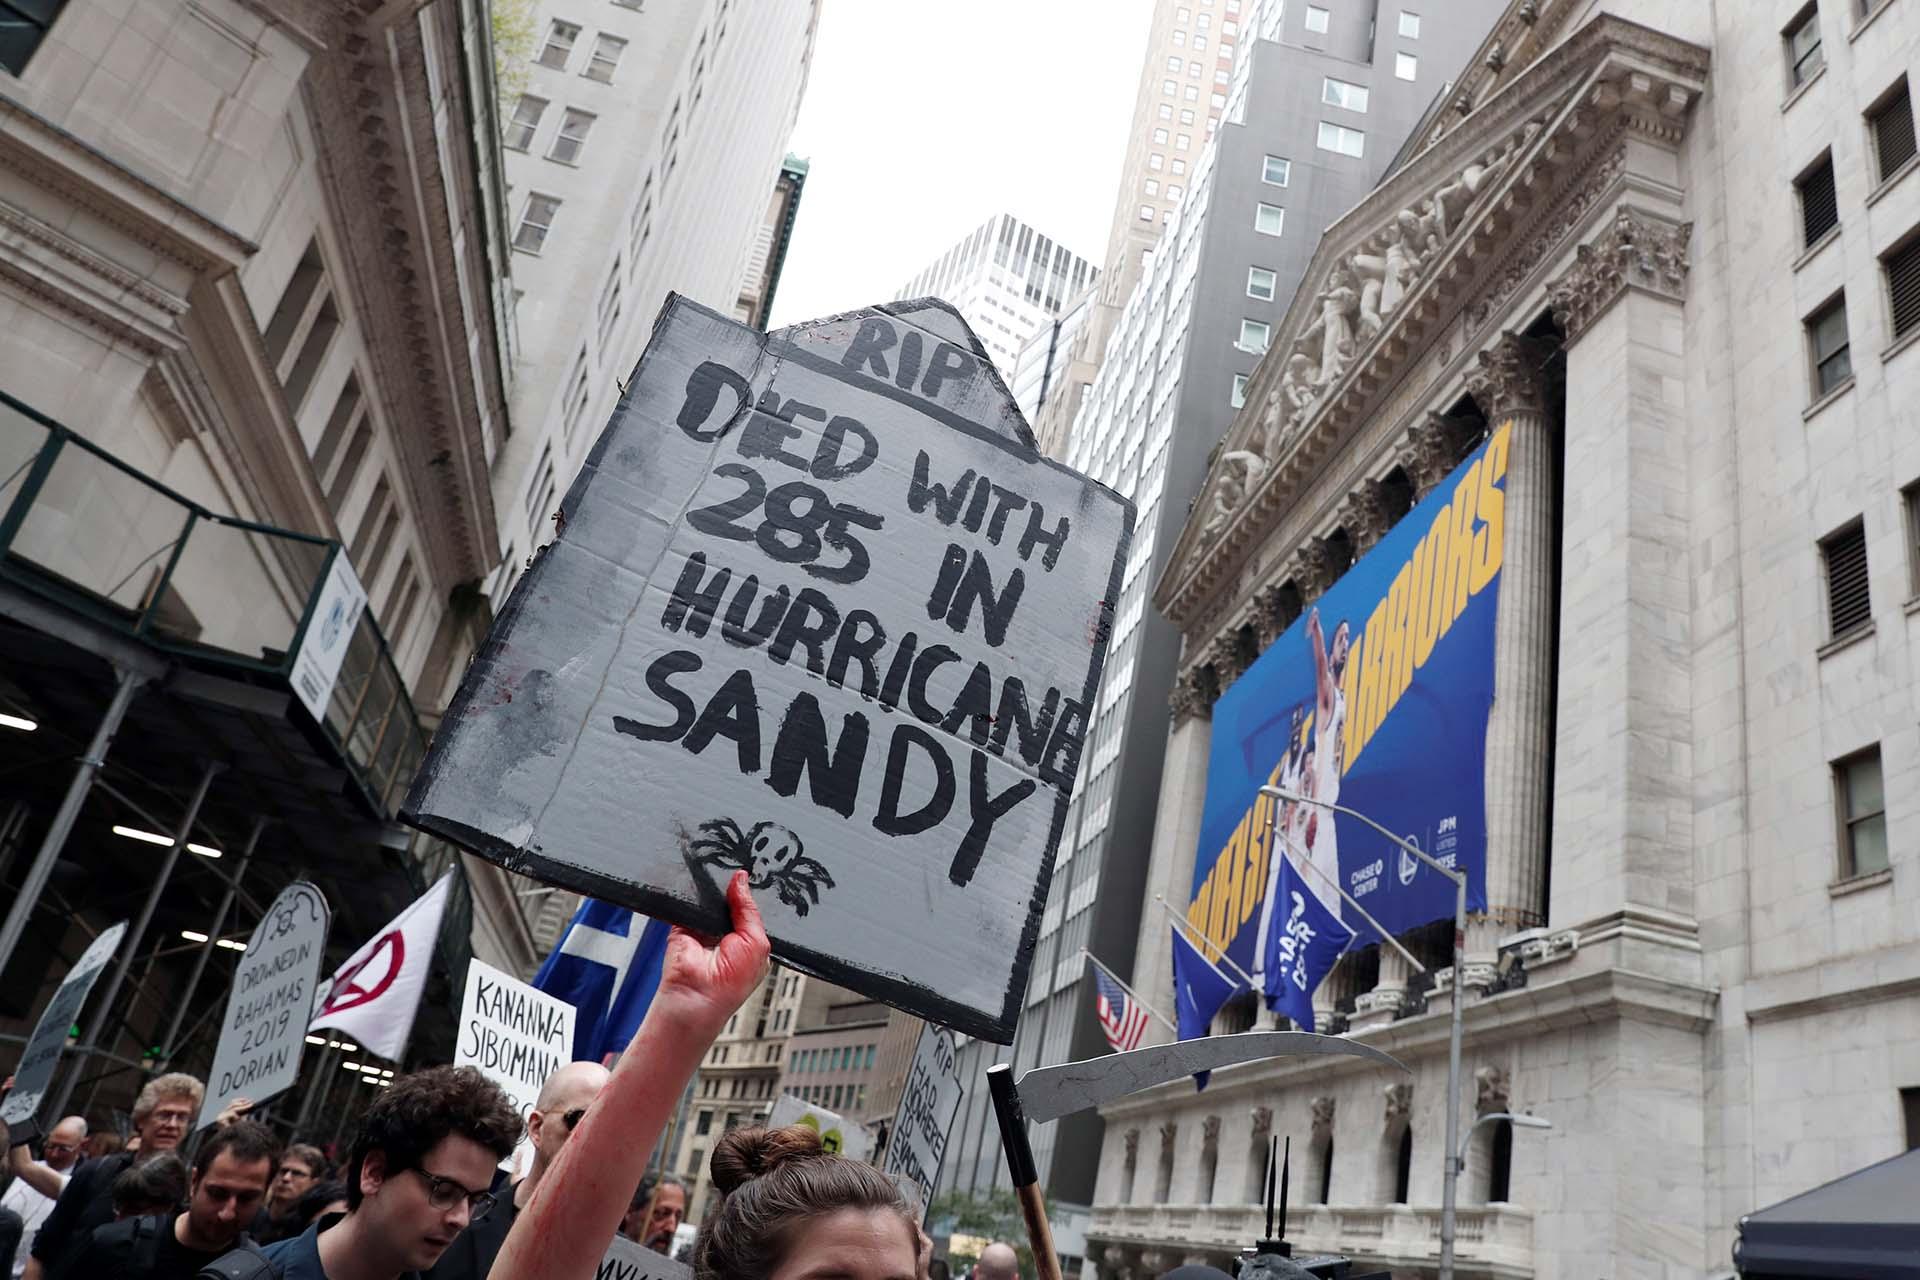 Activistas del cambio climático participan en protestas frente a la Bolsa de Nueva York en Wall Street durante las protestas de la rebelión de extinción en la ciudad de Nueva York, Nueva York, EE. UU., 7 de octubre de 2019. REUTERS / Shannon Stapleton